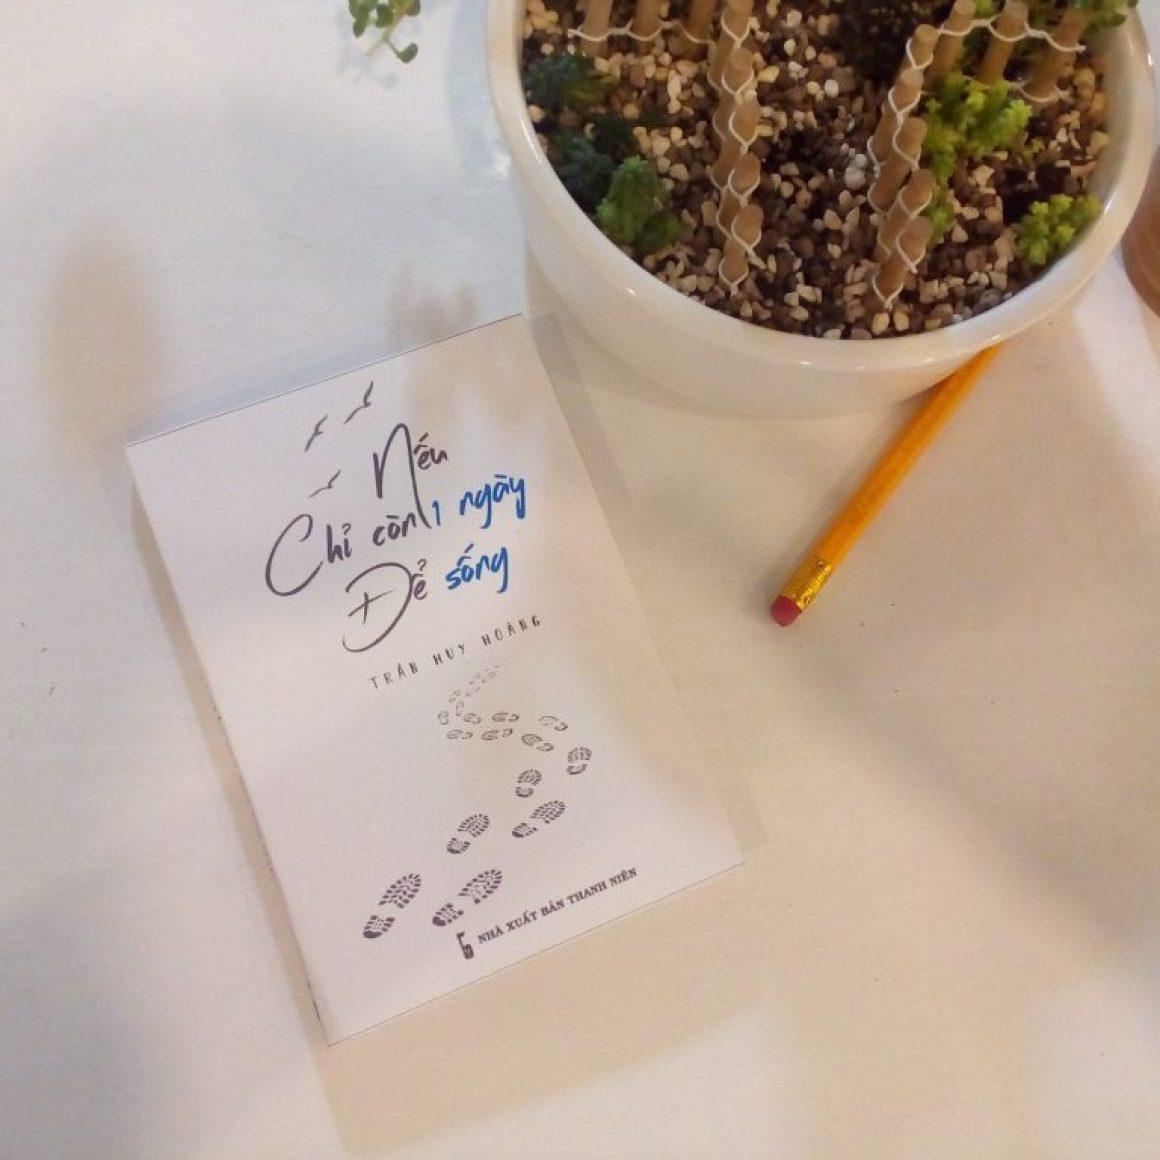 Nếu chỉ còn 1 ngày để sống - tác giả: Trần Huy Hoàng